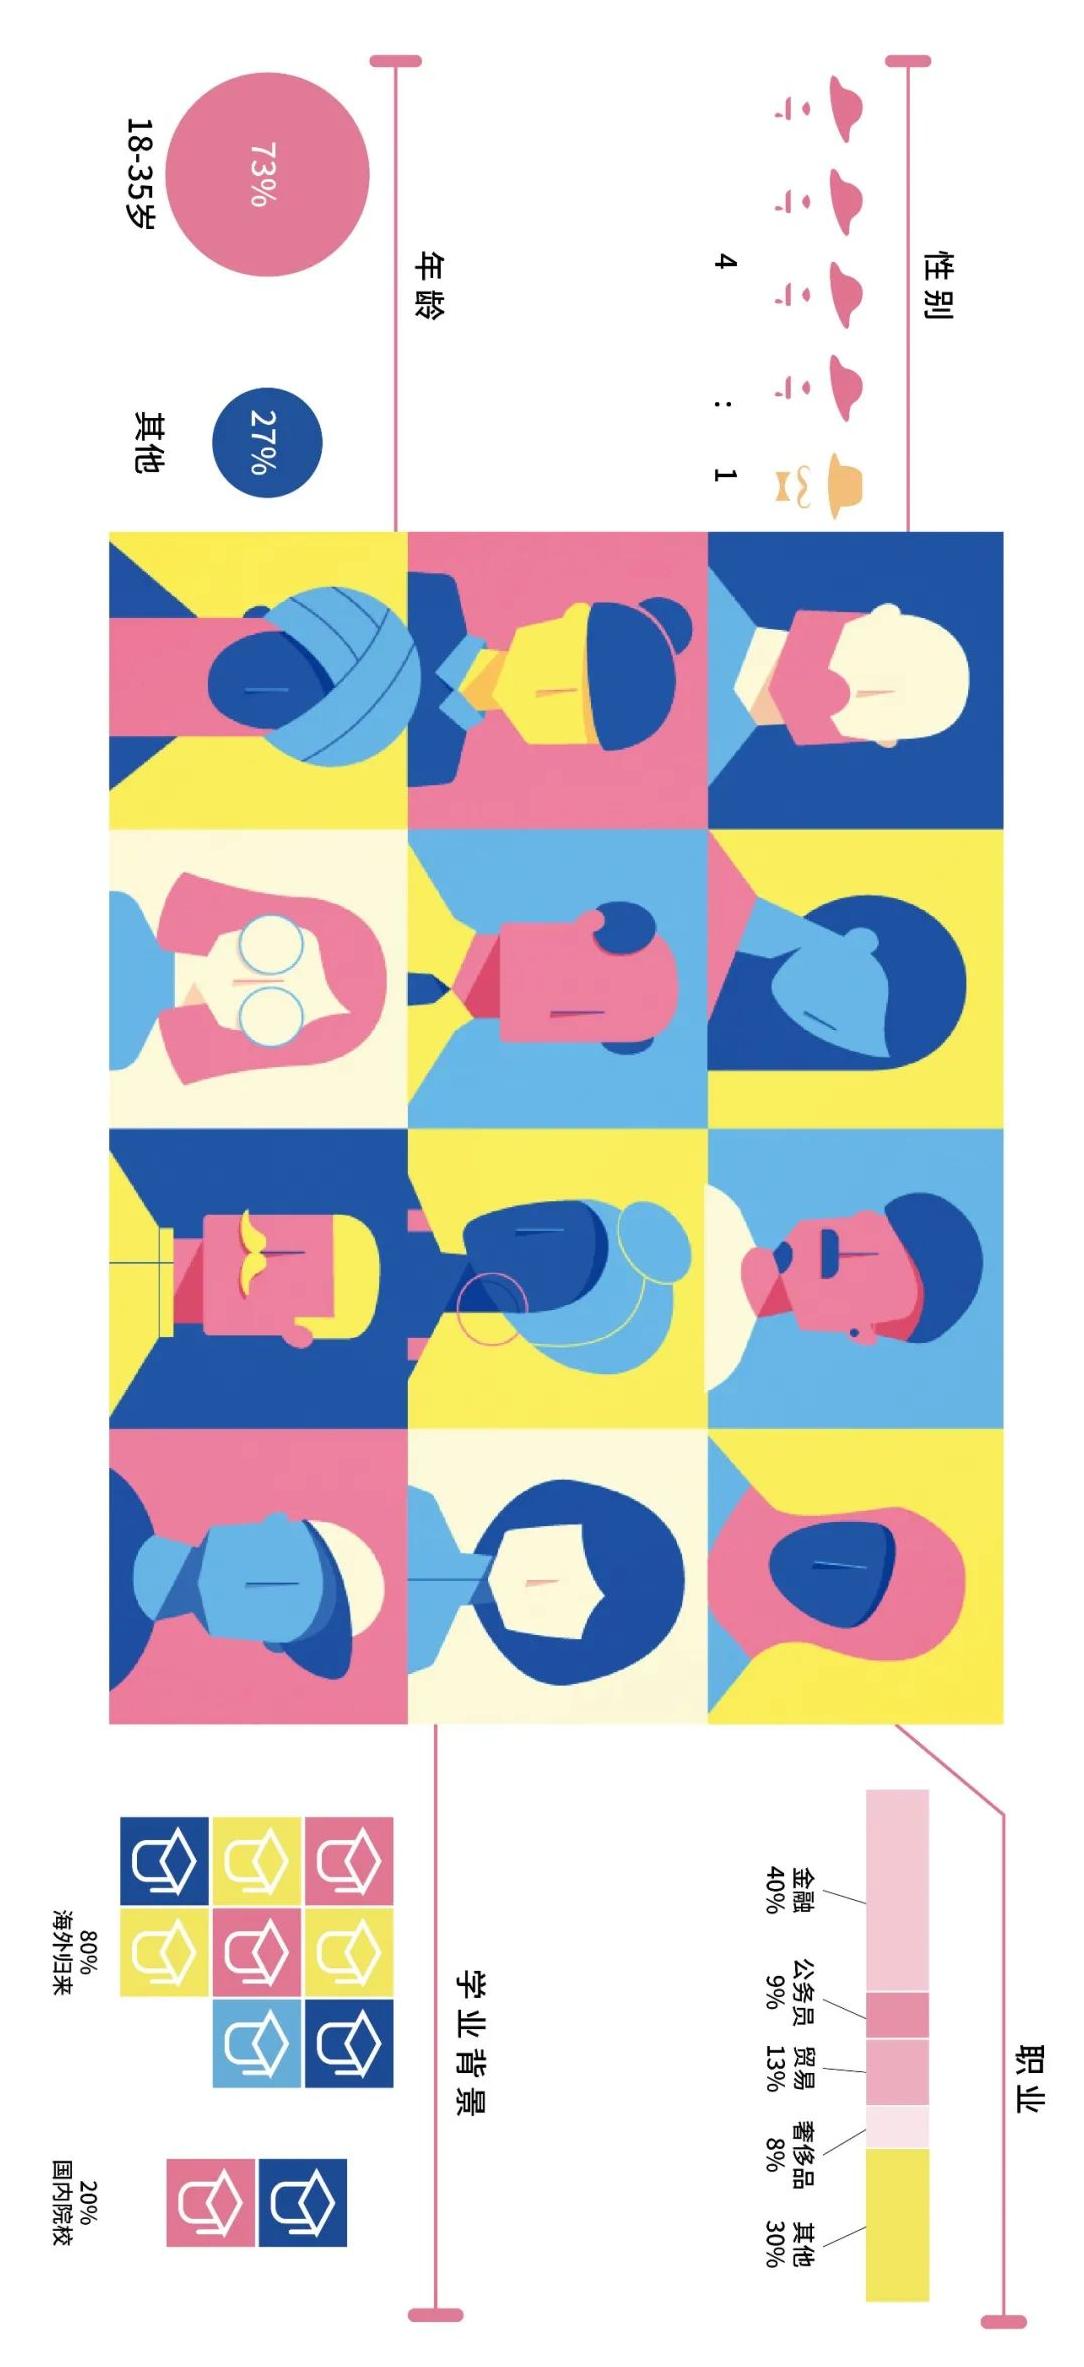 兴CLUB | 「持友」想象力的社群生活